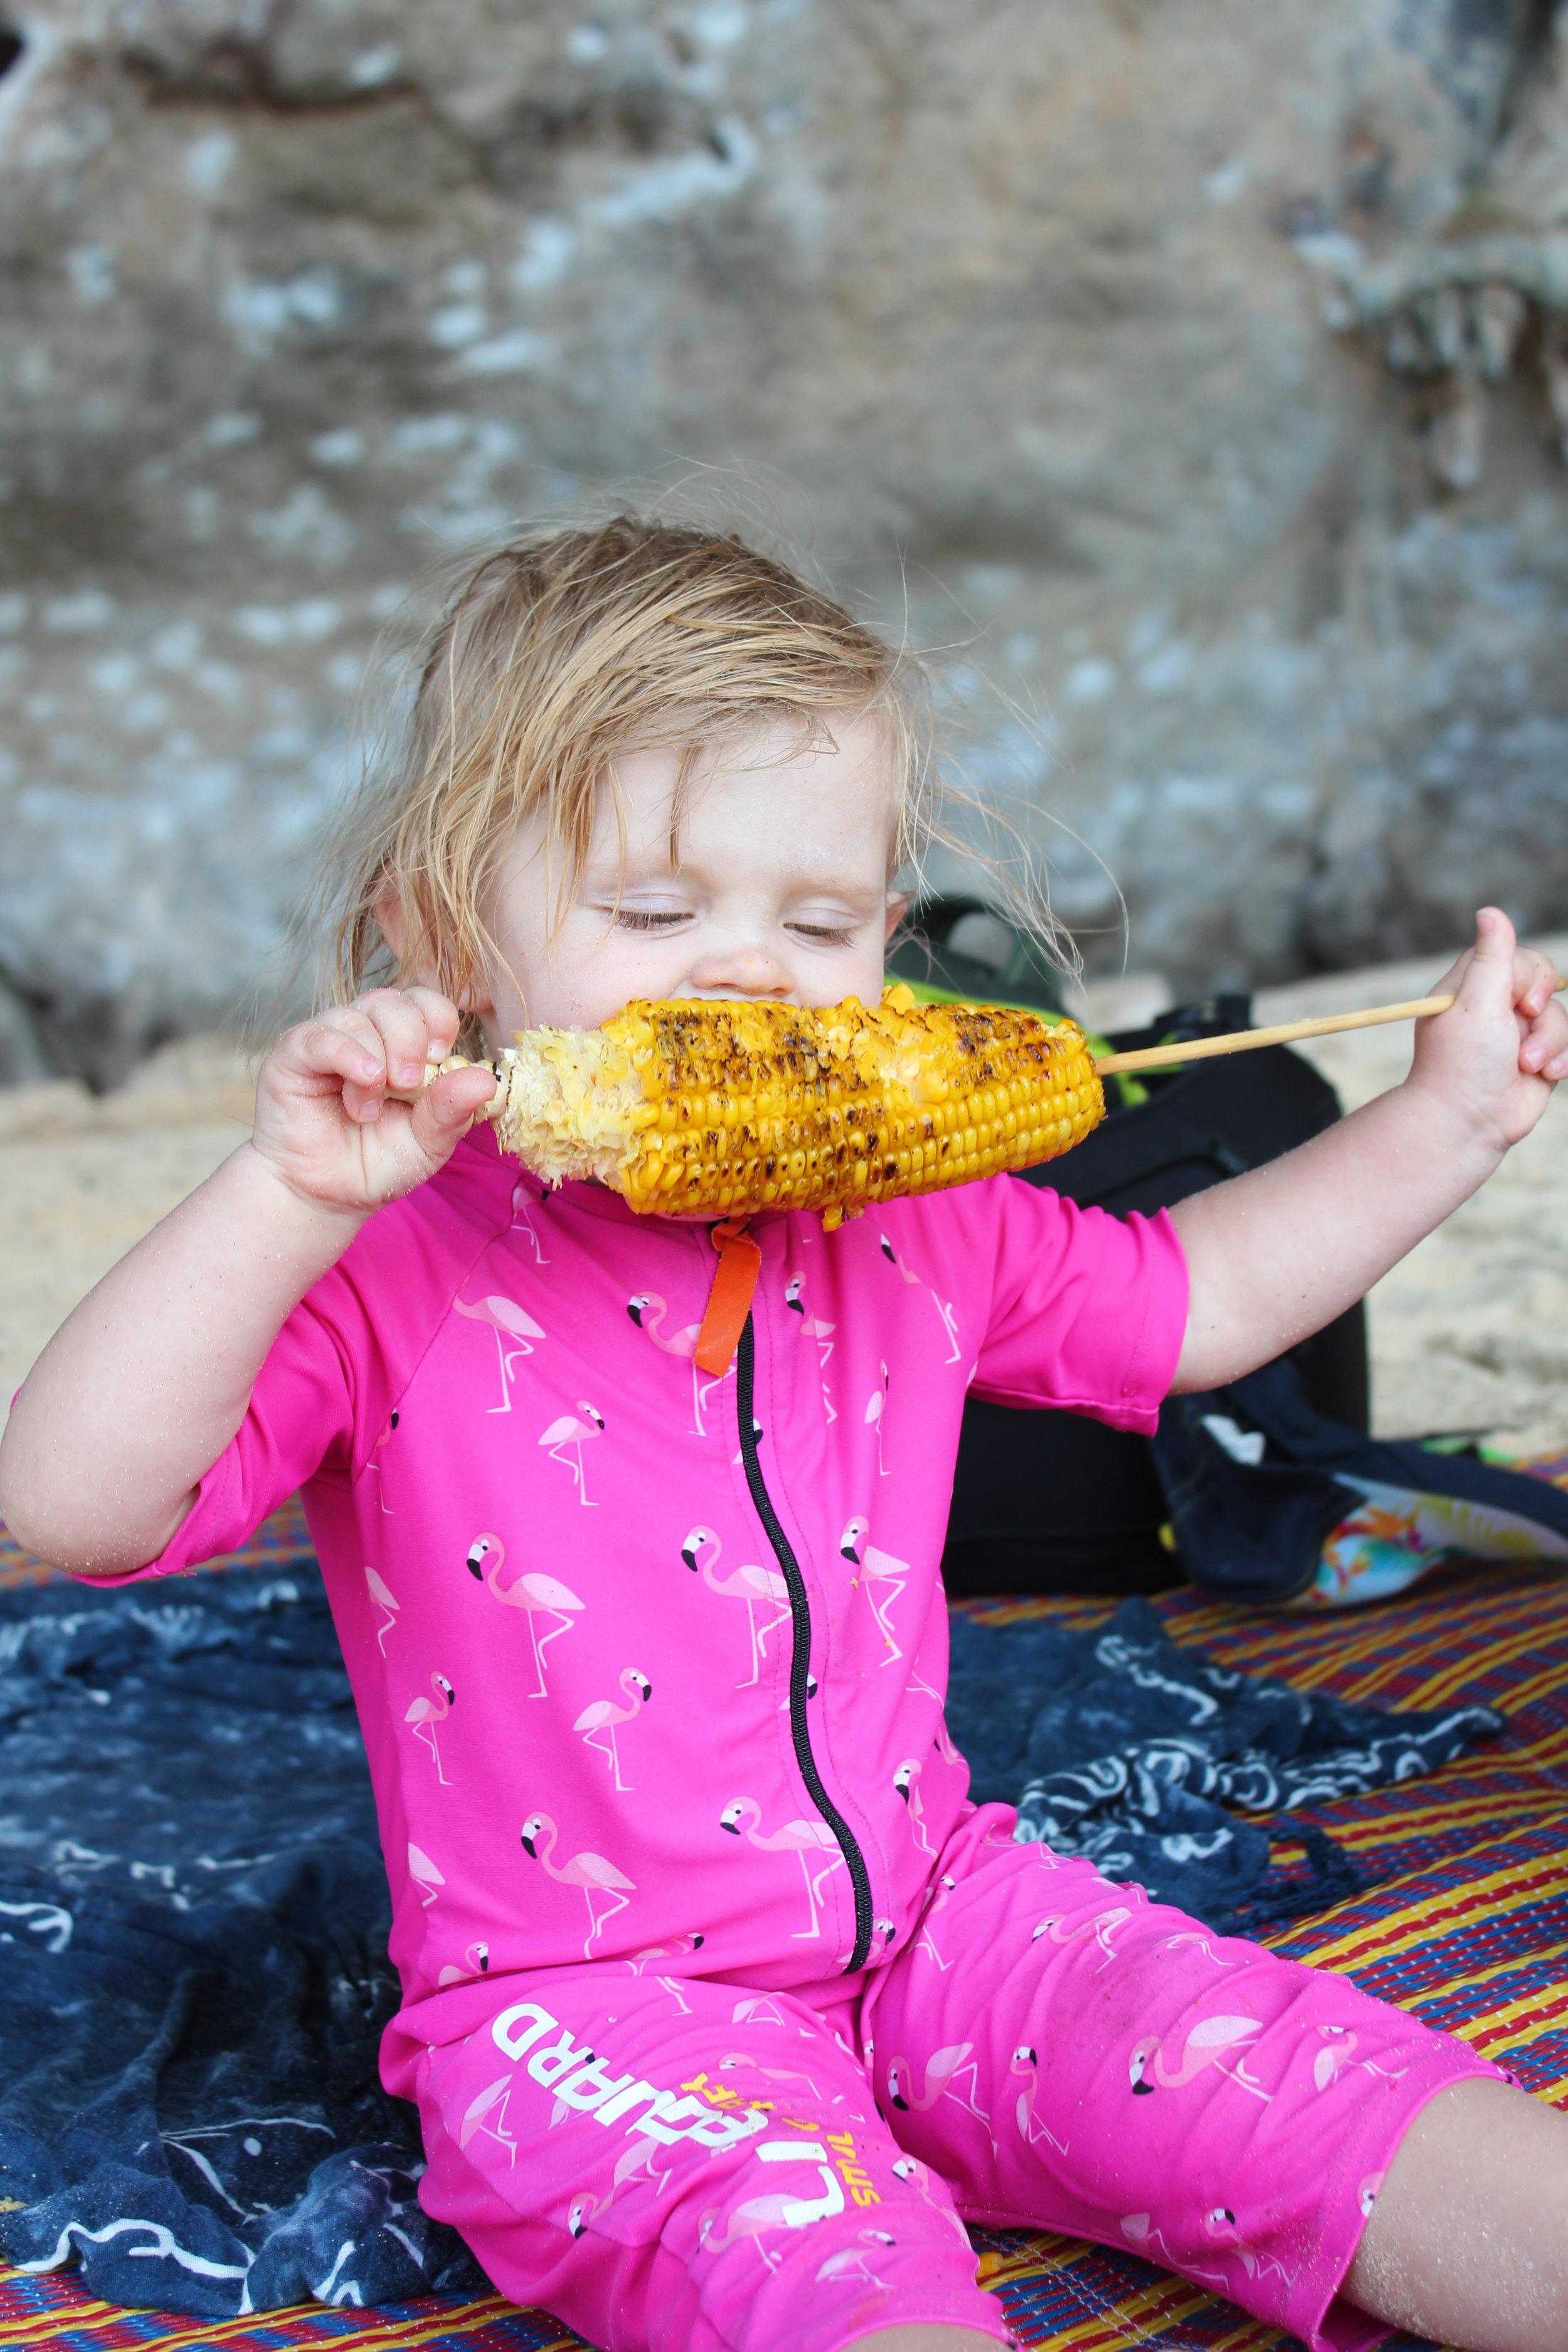 Det bästa med Thailand enligt Edith - majs på stranden